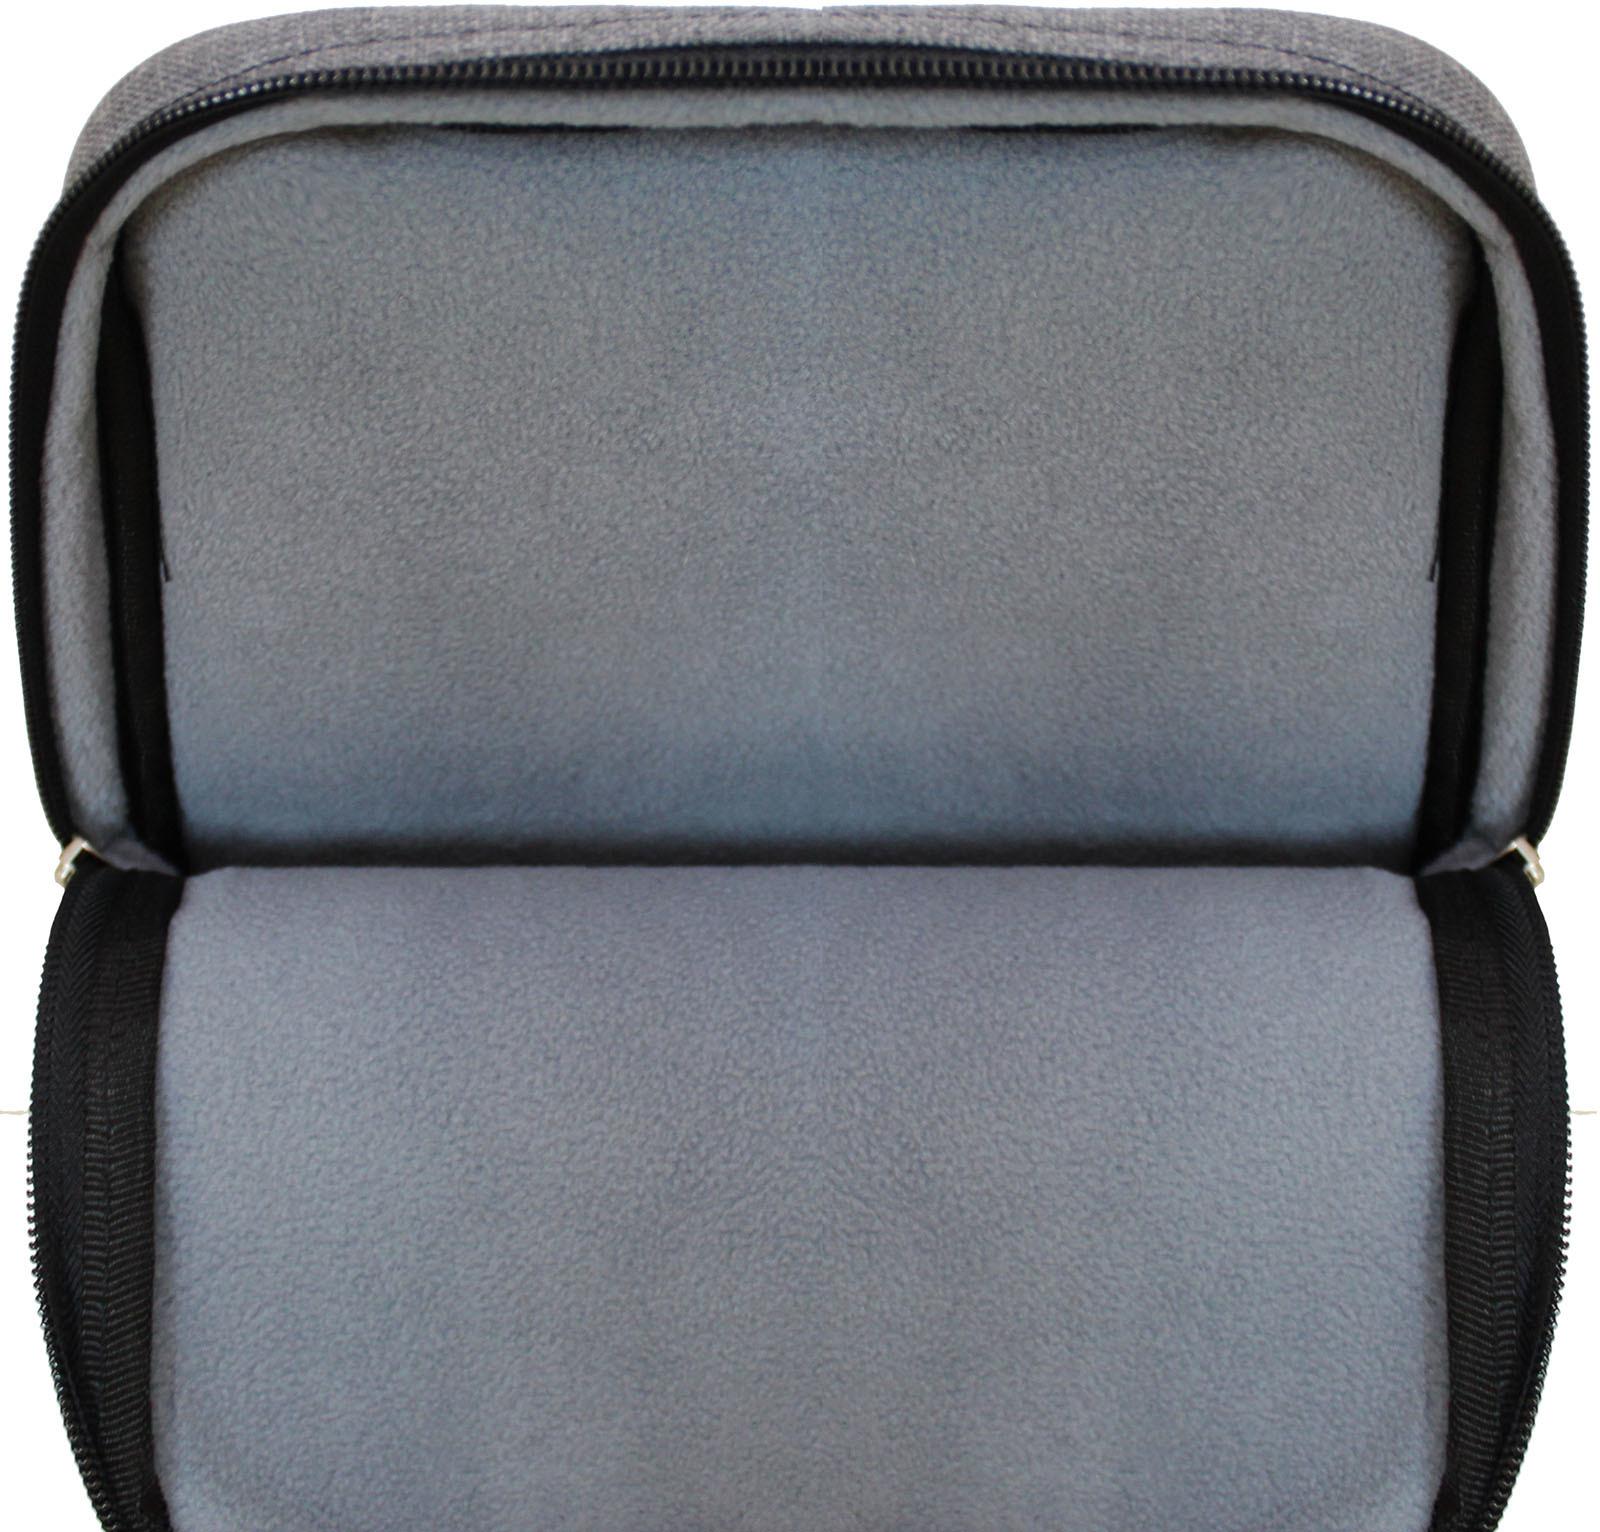 Рюкзак Bagland под планшет 2 л. 321 серый (0050969)